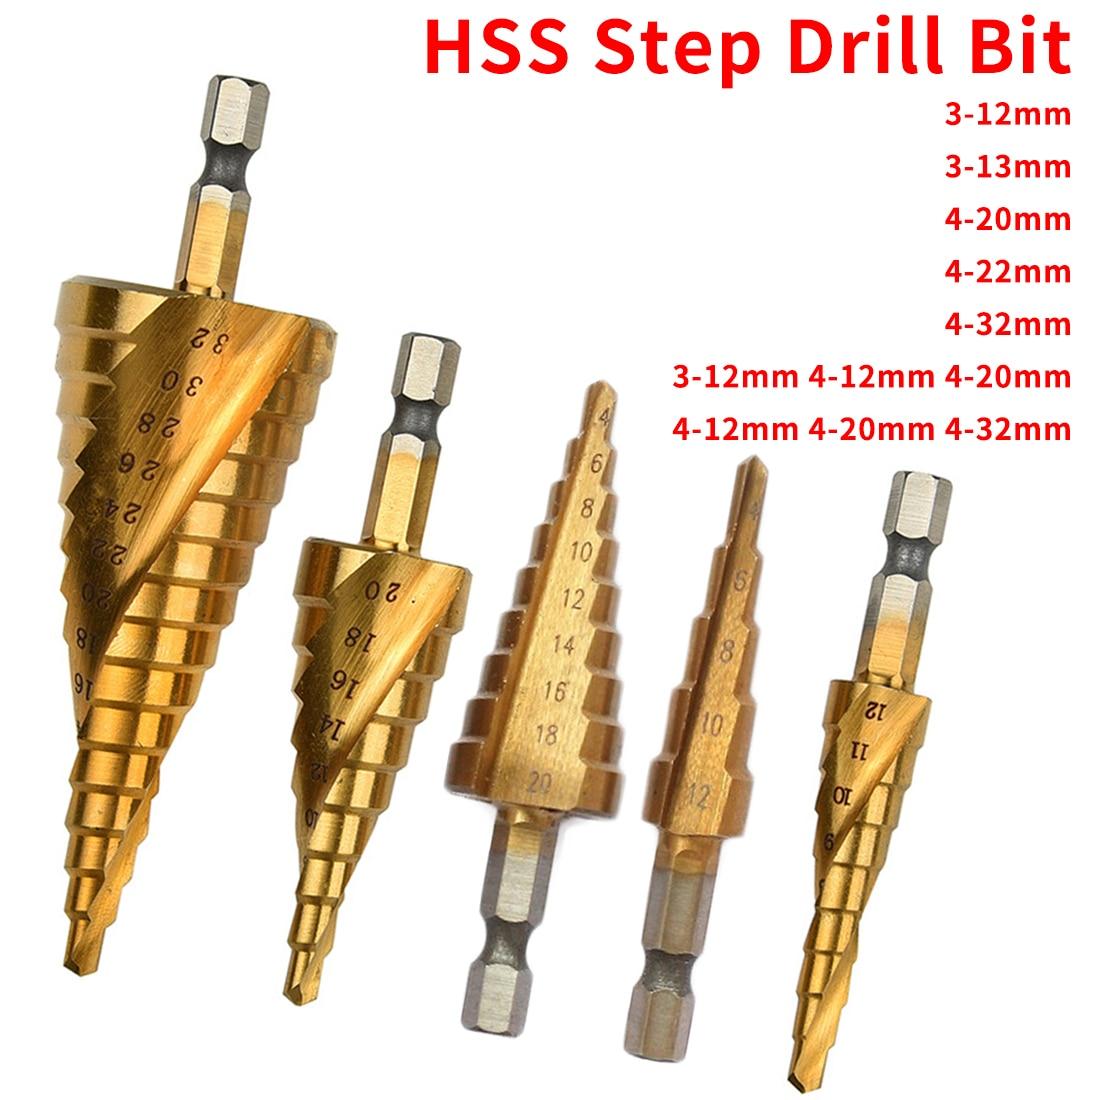 3-13/3-12/4-20/4-32mm HSS Titanium Hex Shank Step Drill Bit Step Cone Cutting Tools Steel Woodworking Metal Drilling Set